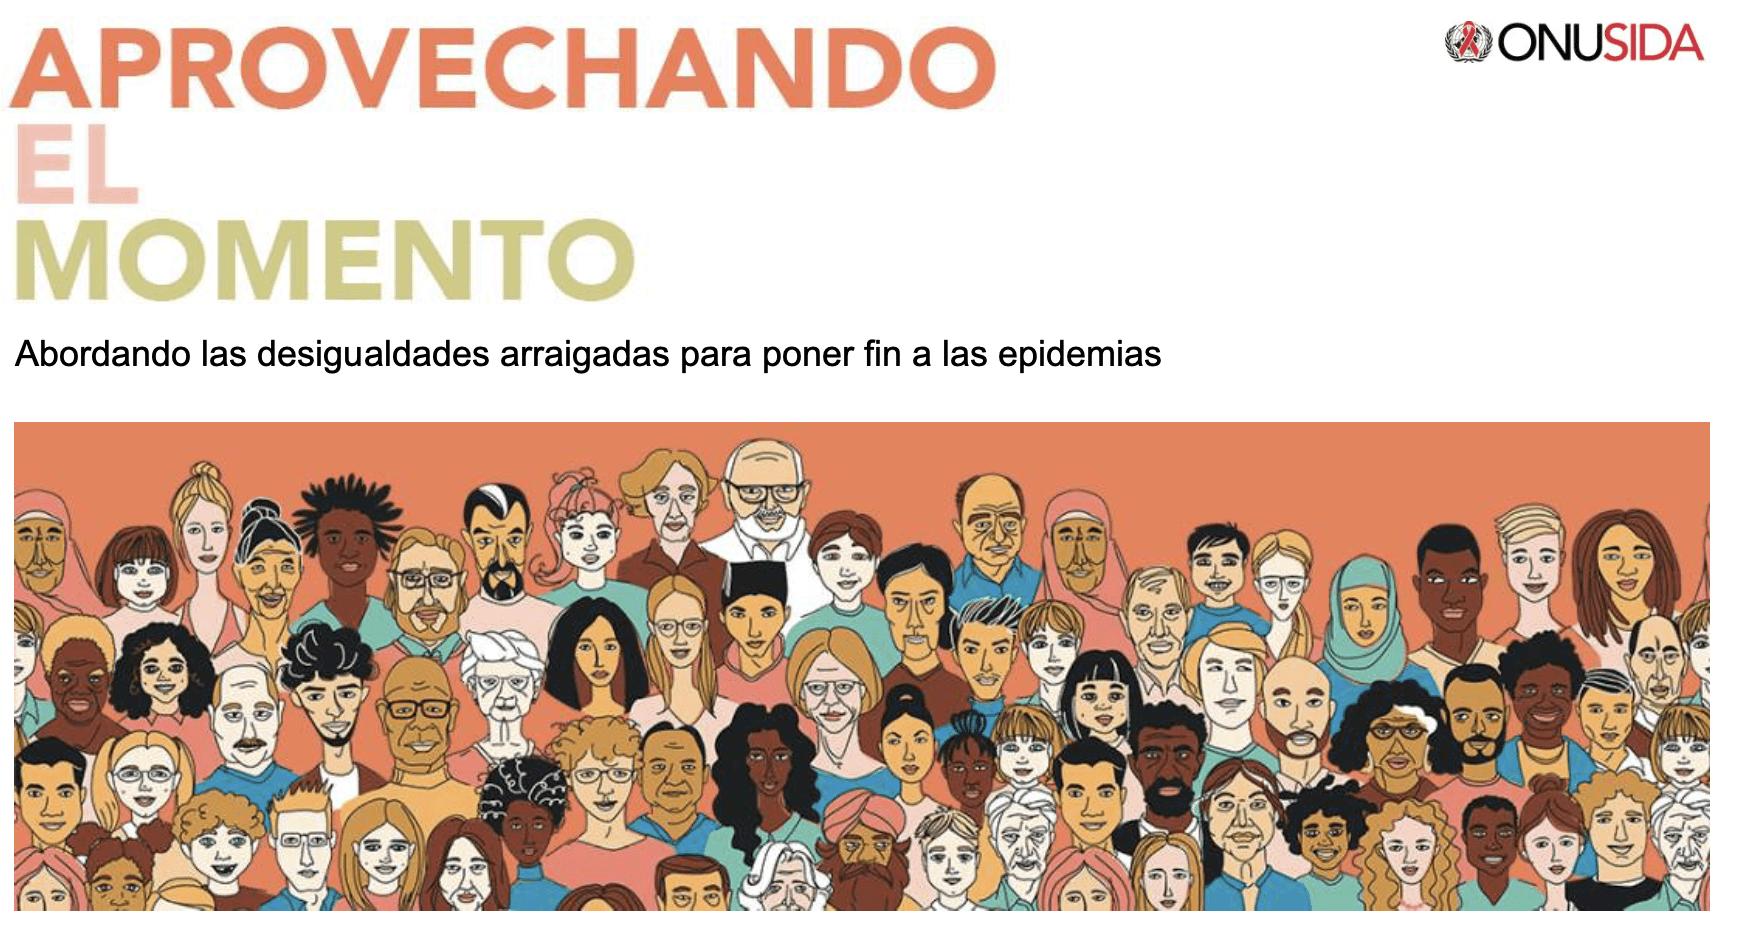 Actualización Global Sida 2020  — Aprovechando el momento — Afrontando las desigualdades arraigadas para poner fin a las epidemias